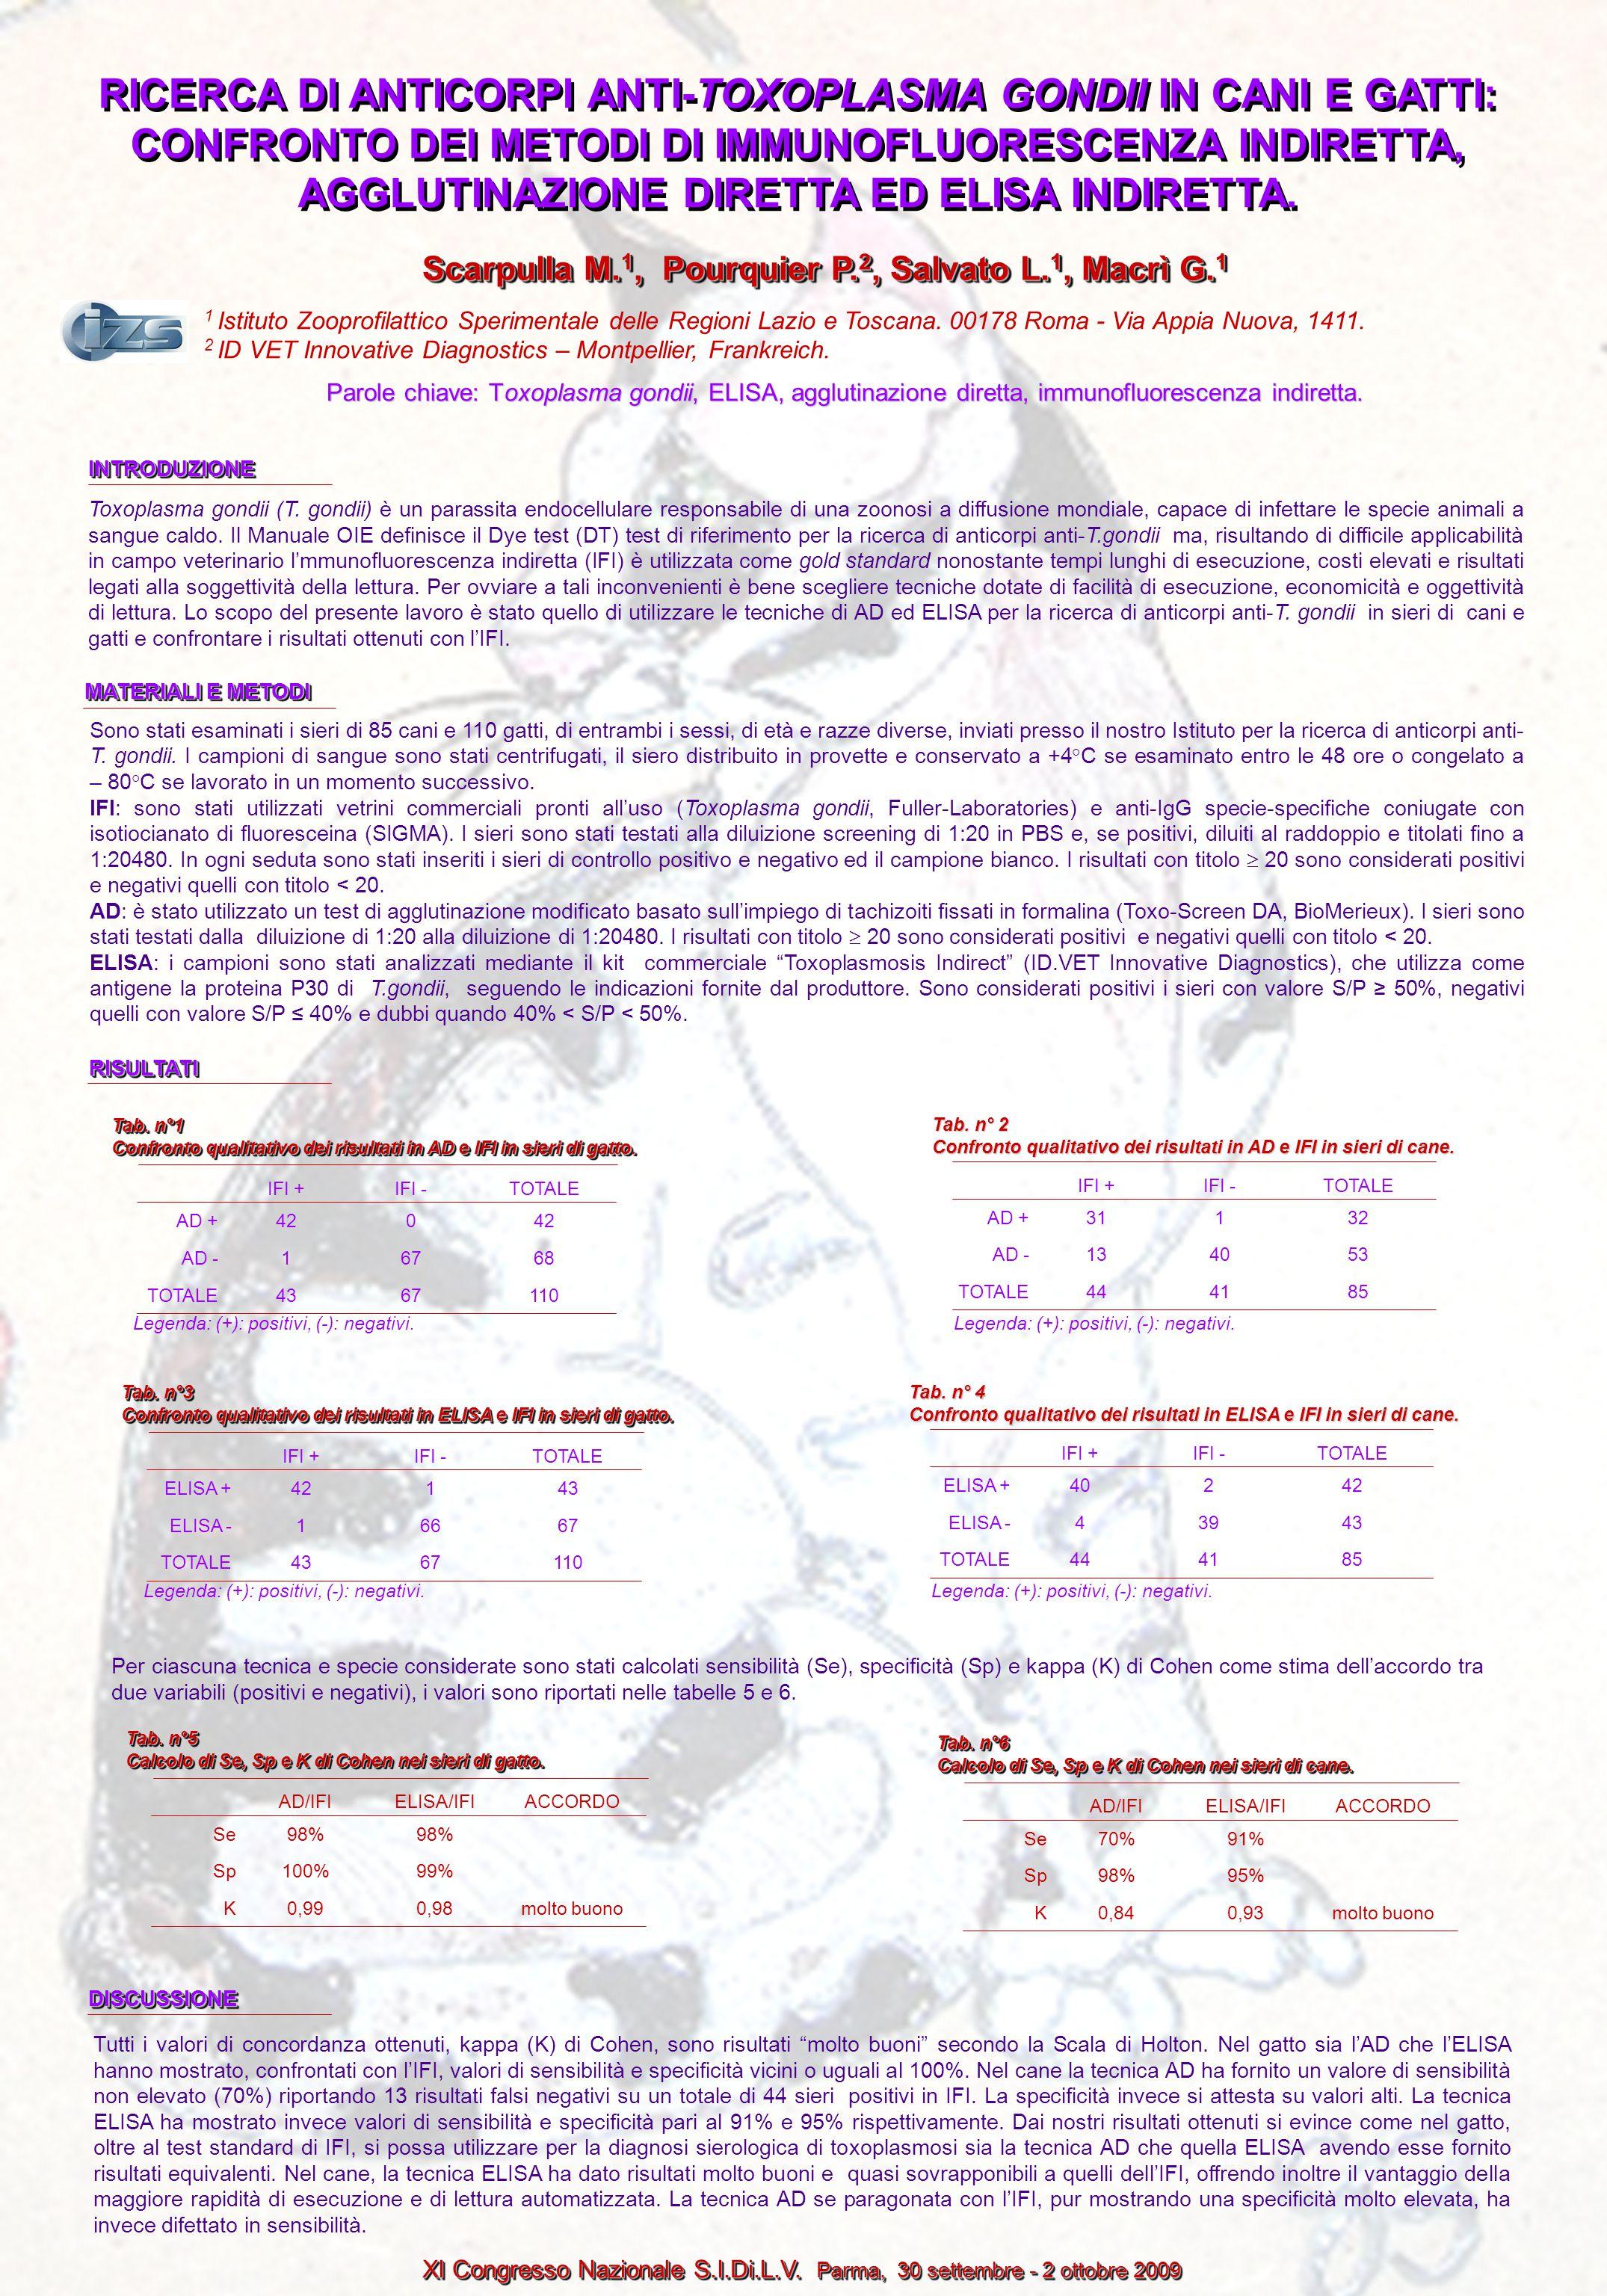 Scarpulla M.1, Pourquier P.2, Salvato L.1, Macrì G.1